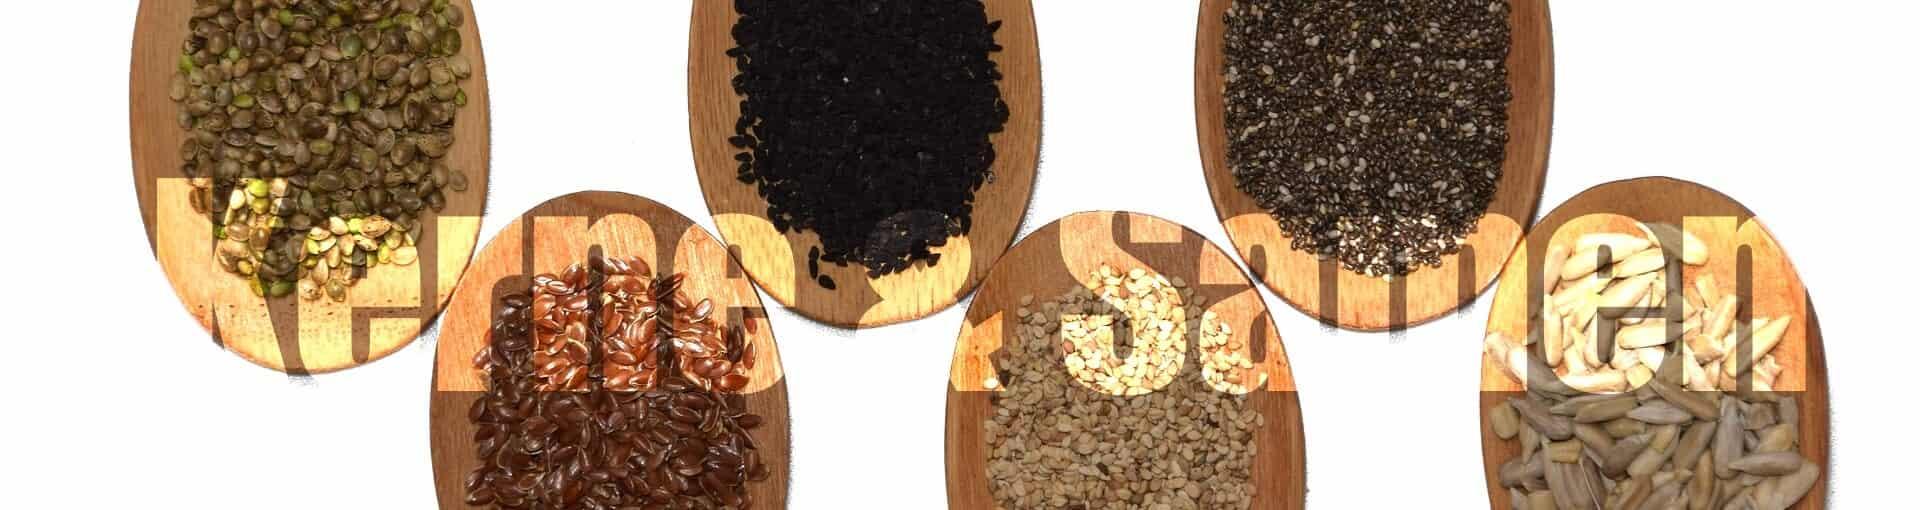 Superfood Kerne und Samen